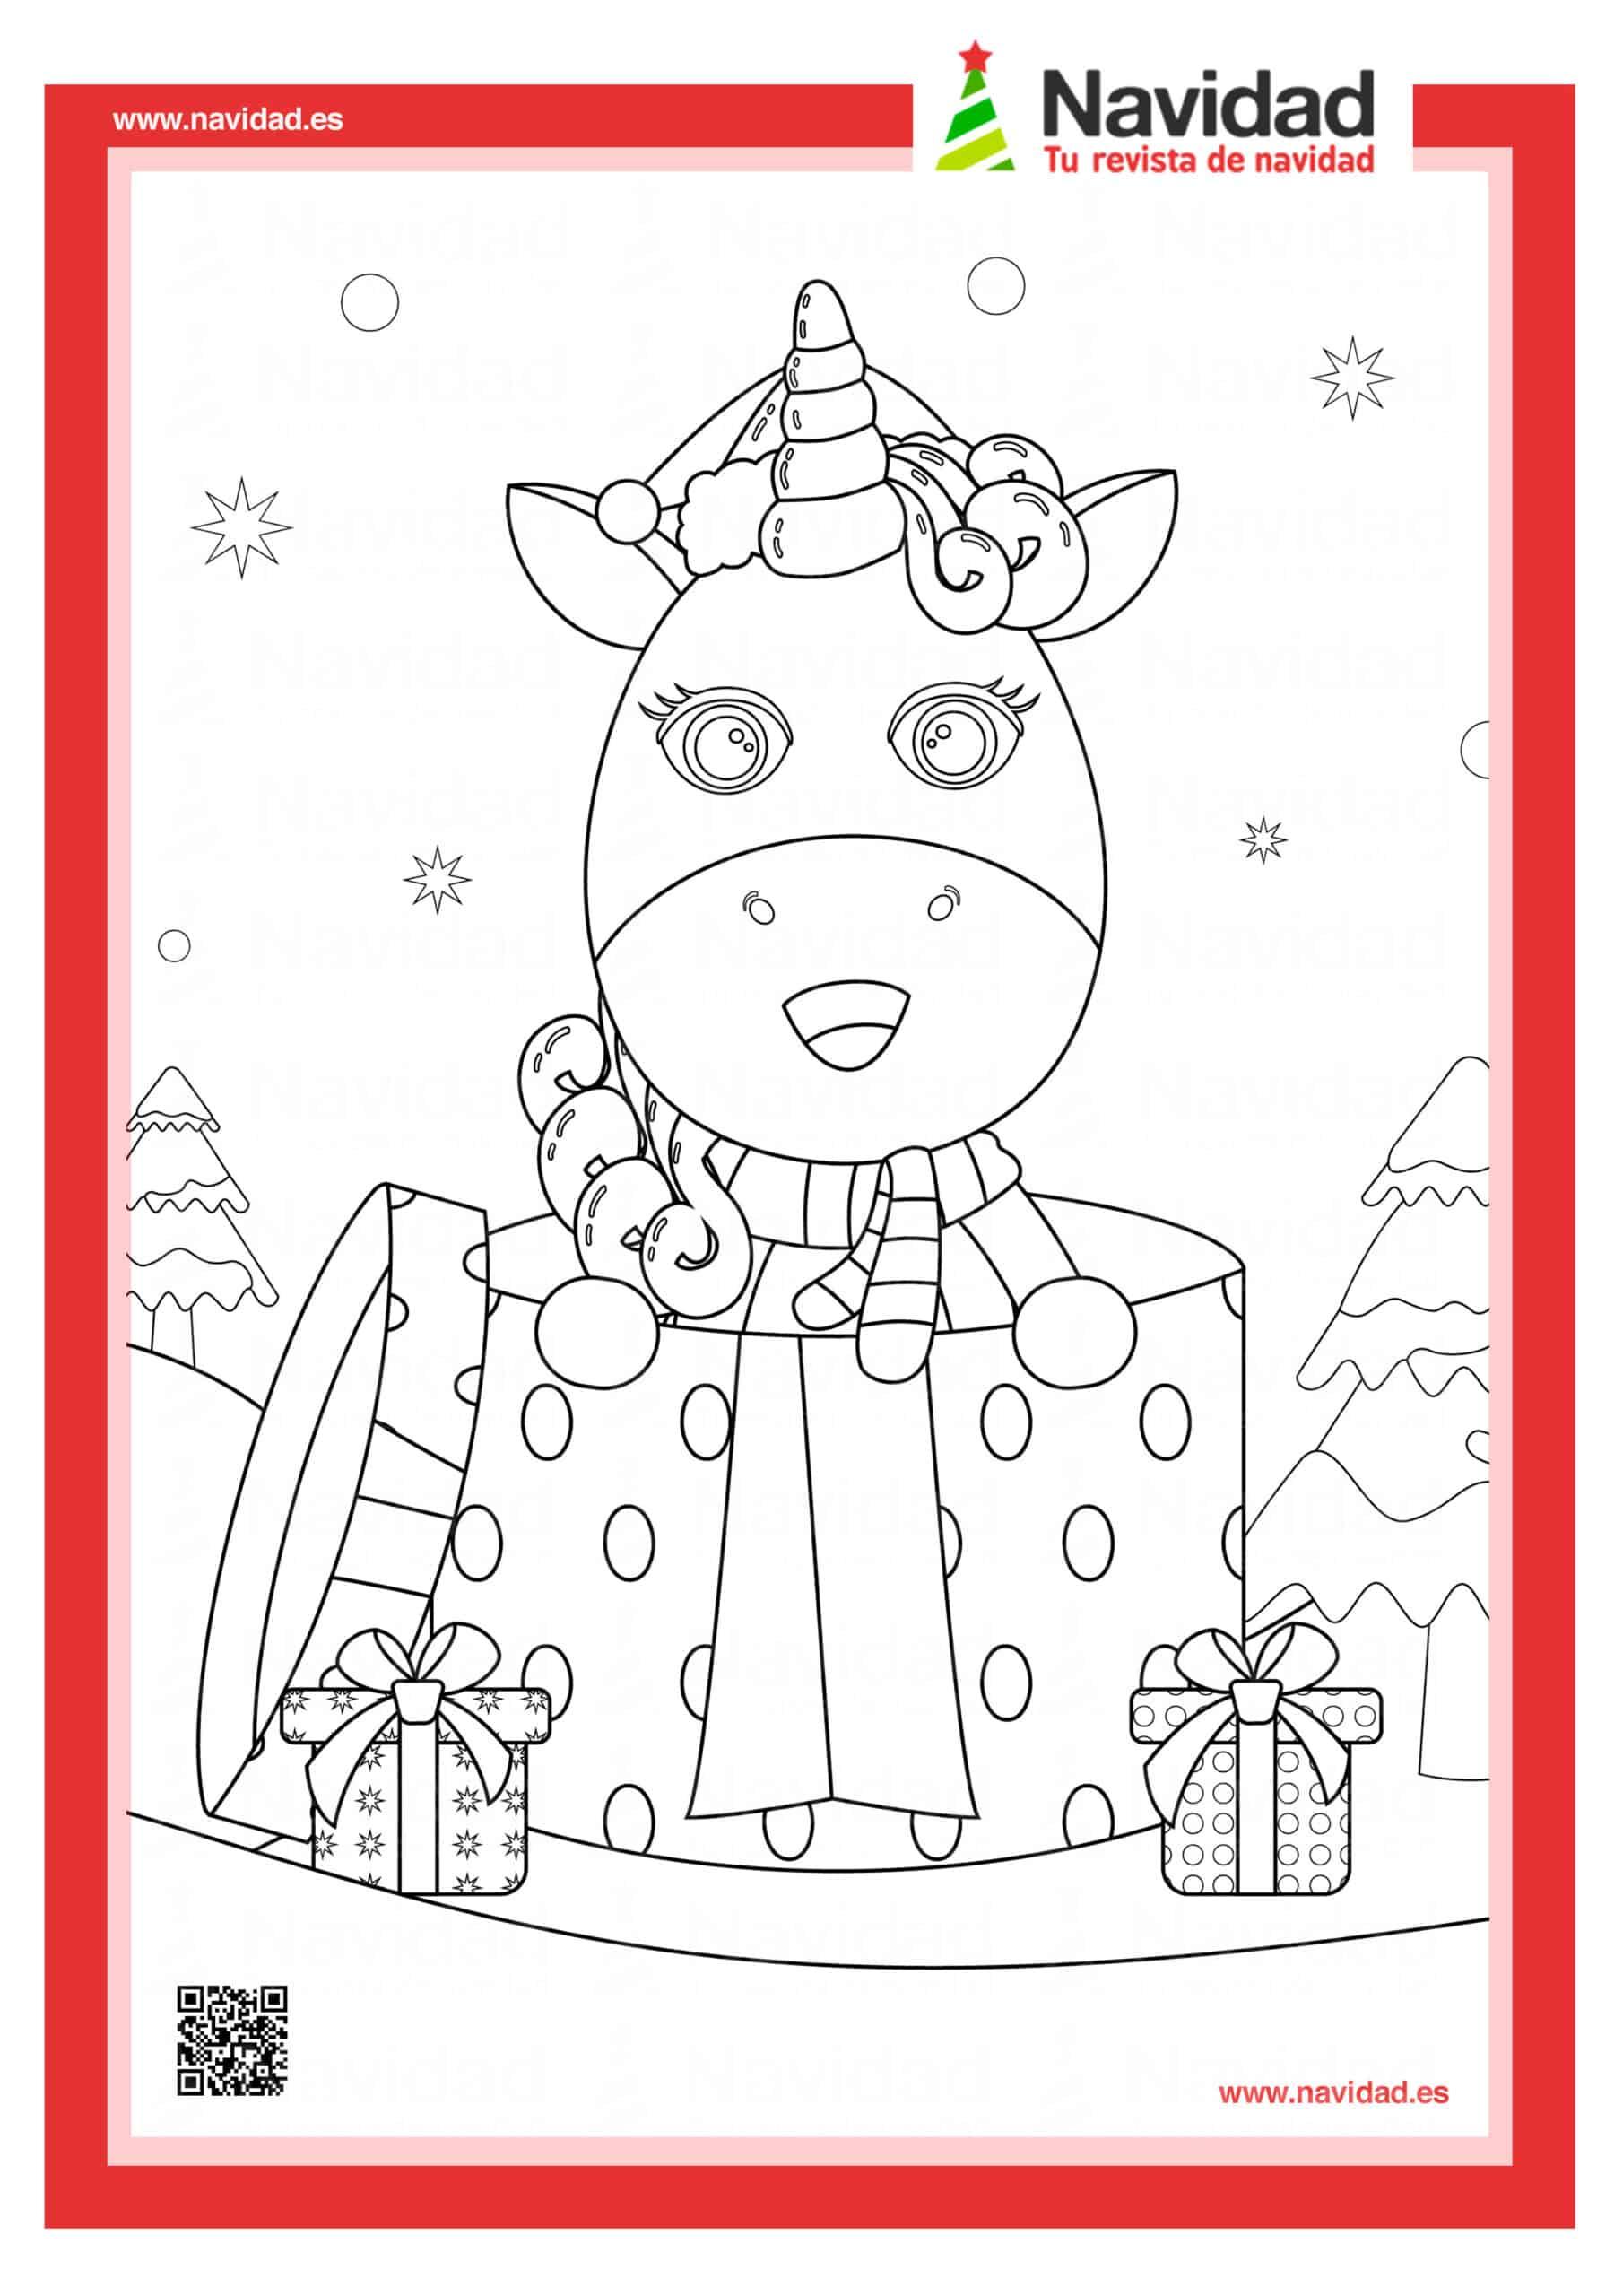 Dibujos navideños para colorear con los hijos esta Navidad 2